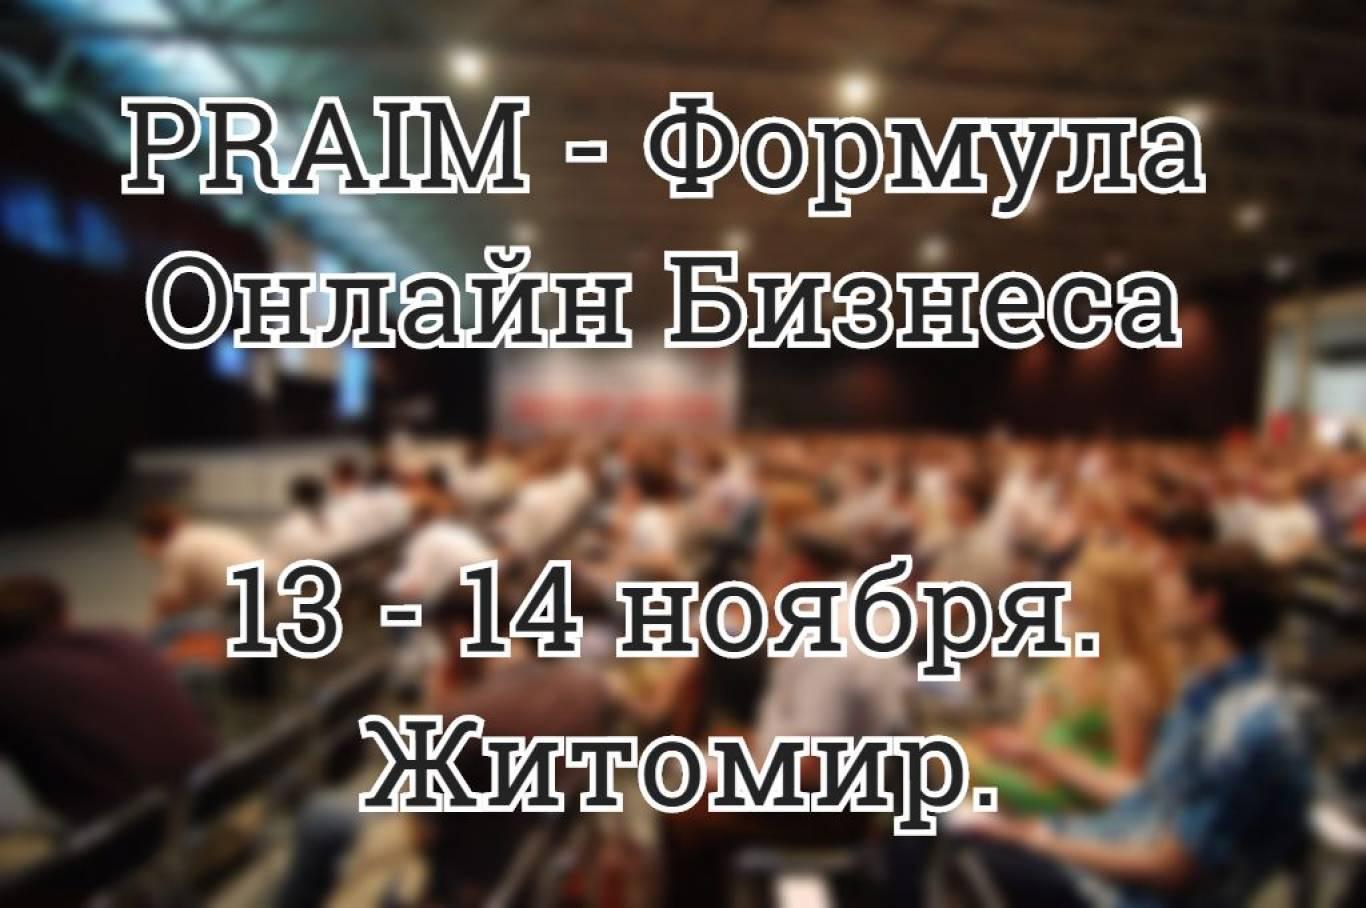 Перша і Унікальна Подія, PRAIM - Формула Онлайн Бізнесу.